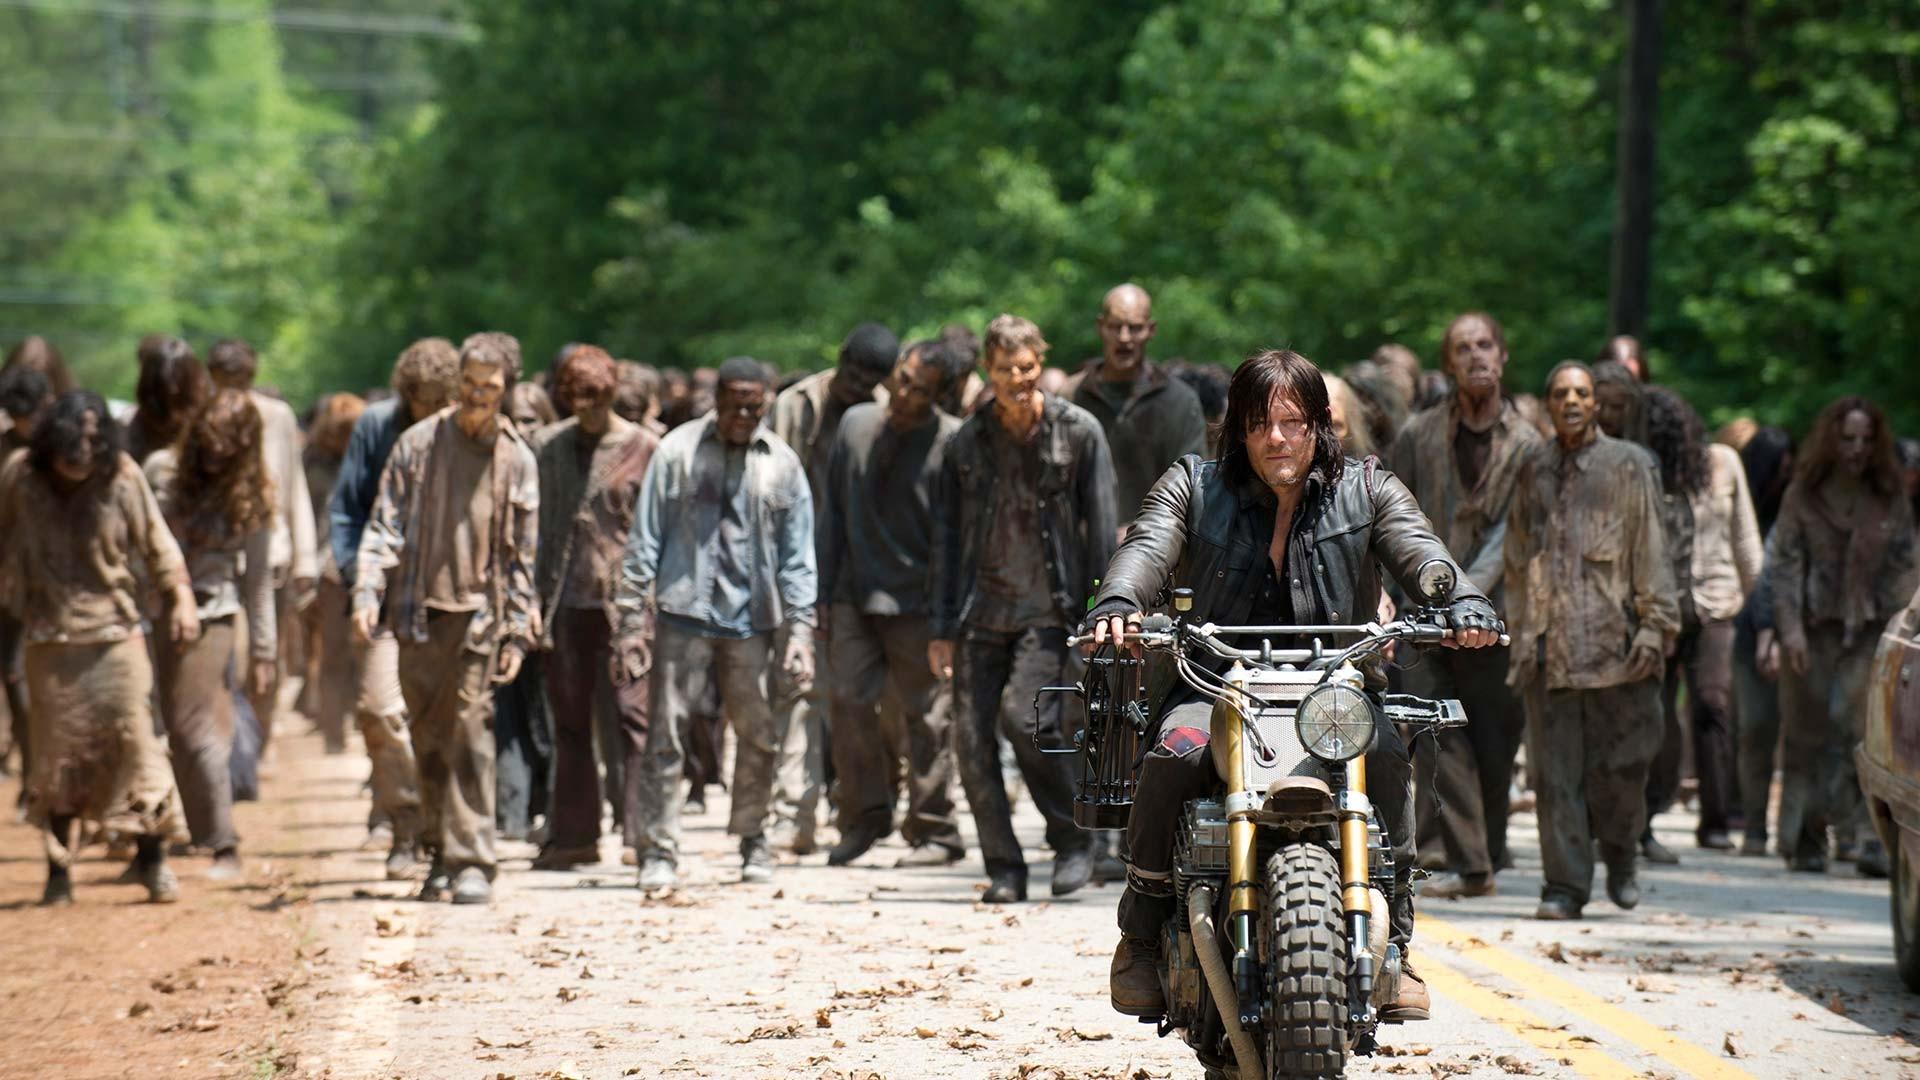 People Mud The Walking Dead Daryl Dixon Troop